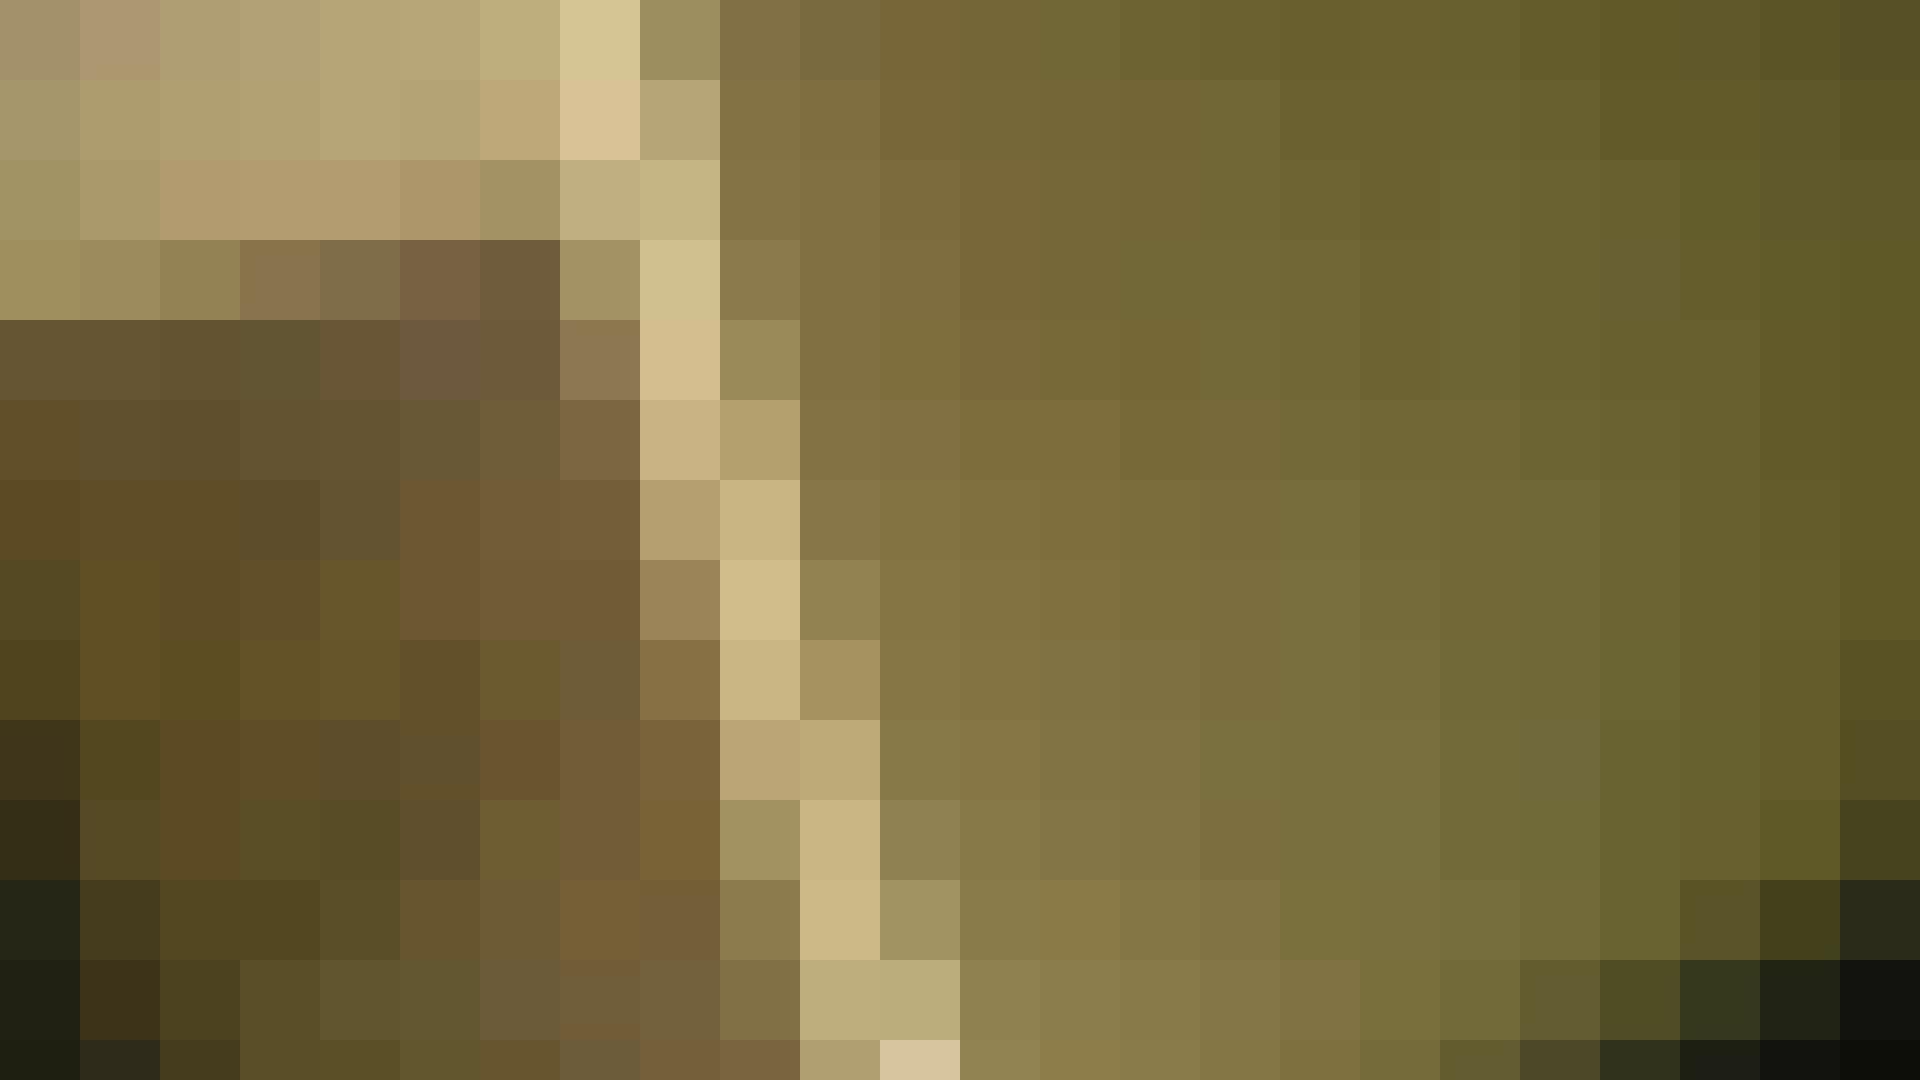 阿国ちゃんの「和式洋式七変化」No.18 iBO(フタコブ) 洗面所  112pic 86